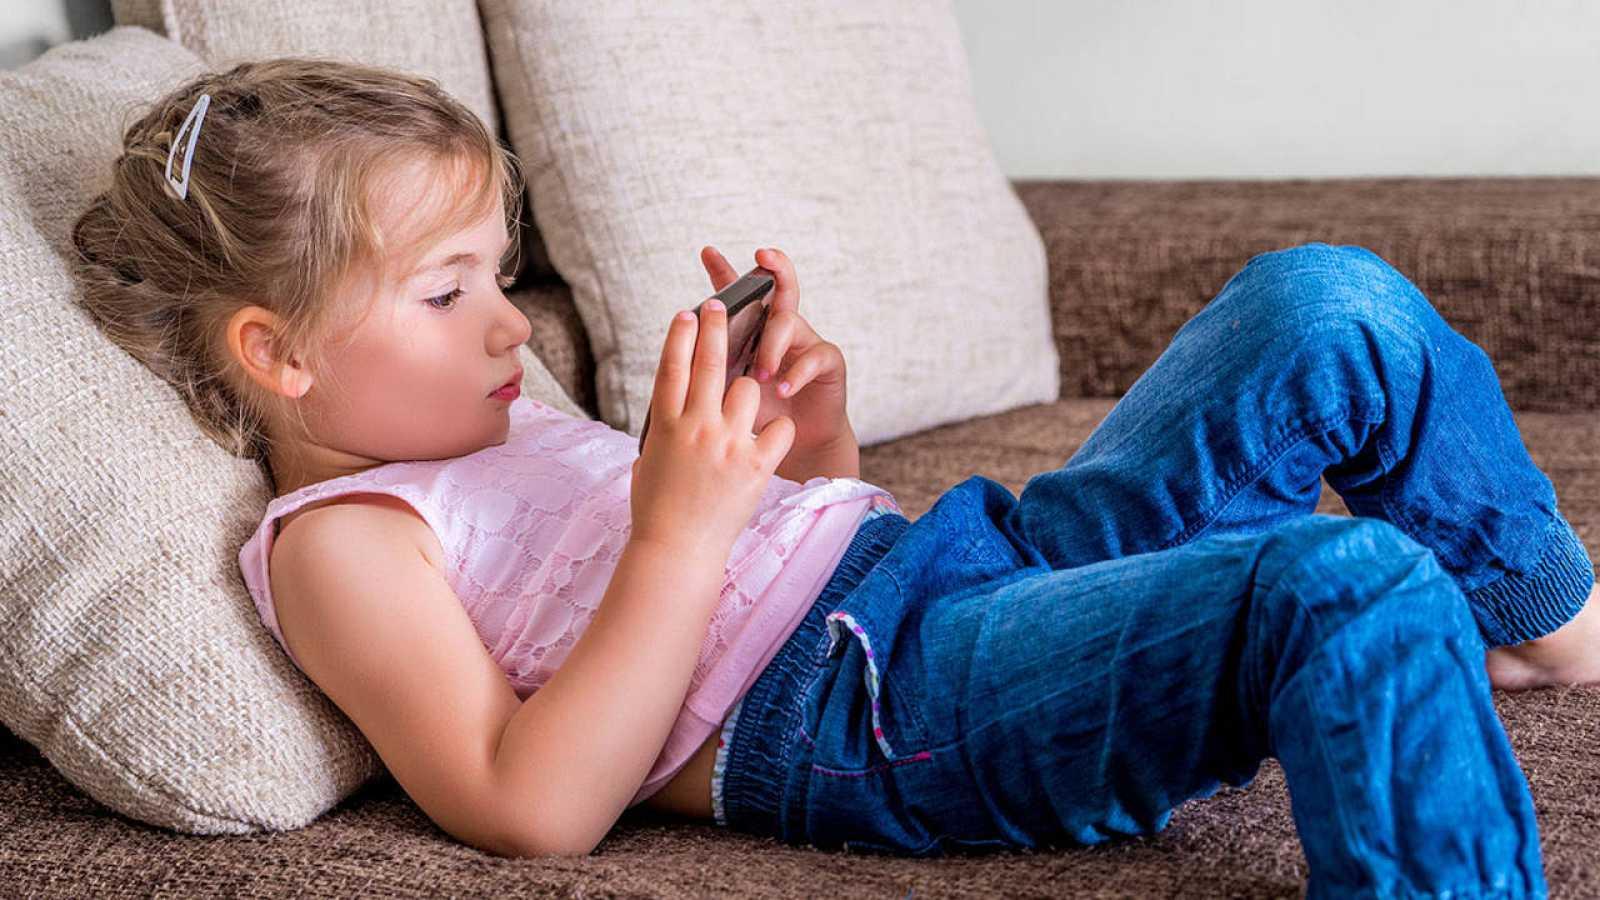 Una niña tumbada en un sofá usa un teléfono móvil